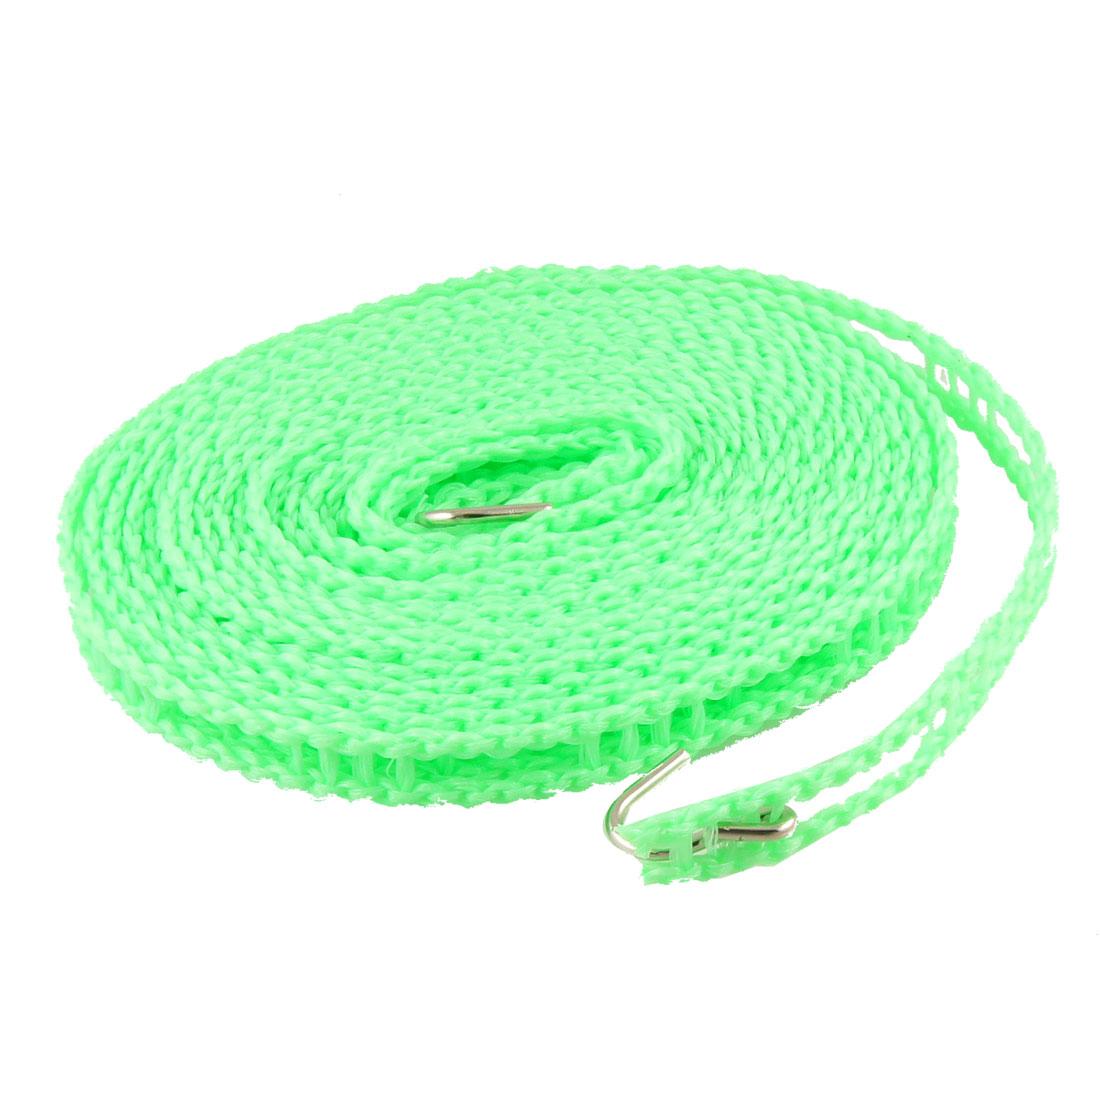 5 Meter Plastic Windproof Nonslip Outdoor Clothesline Green